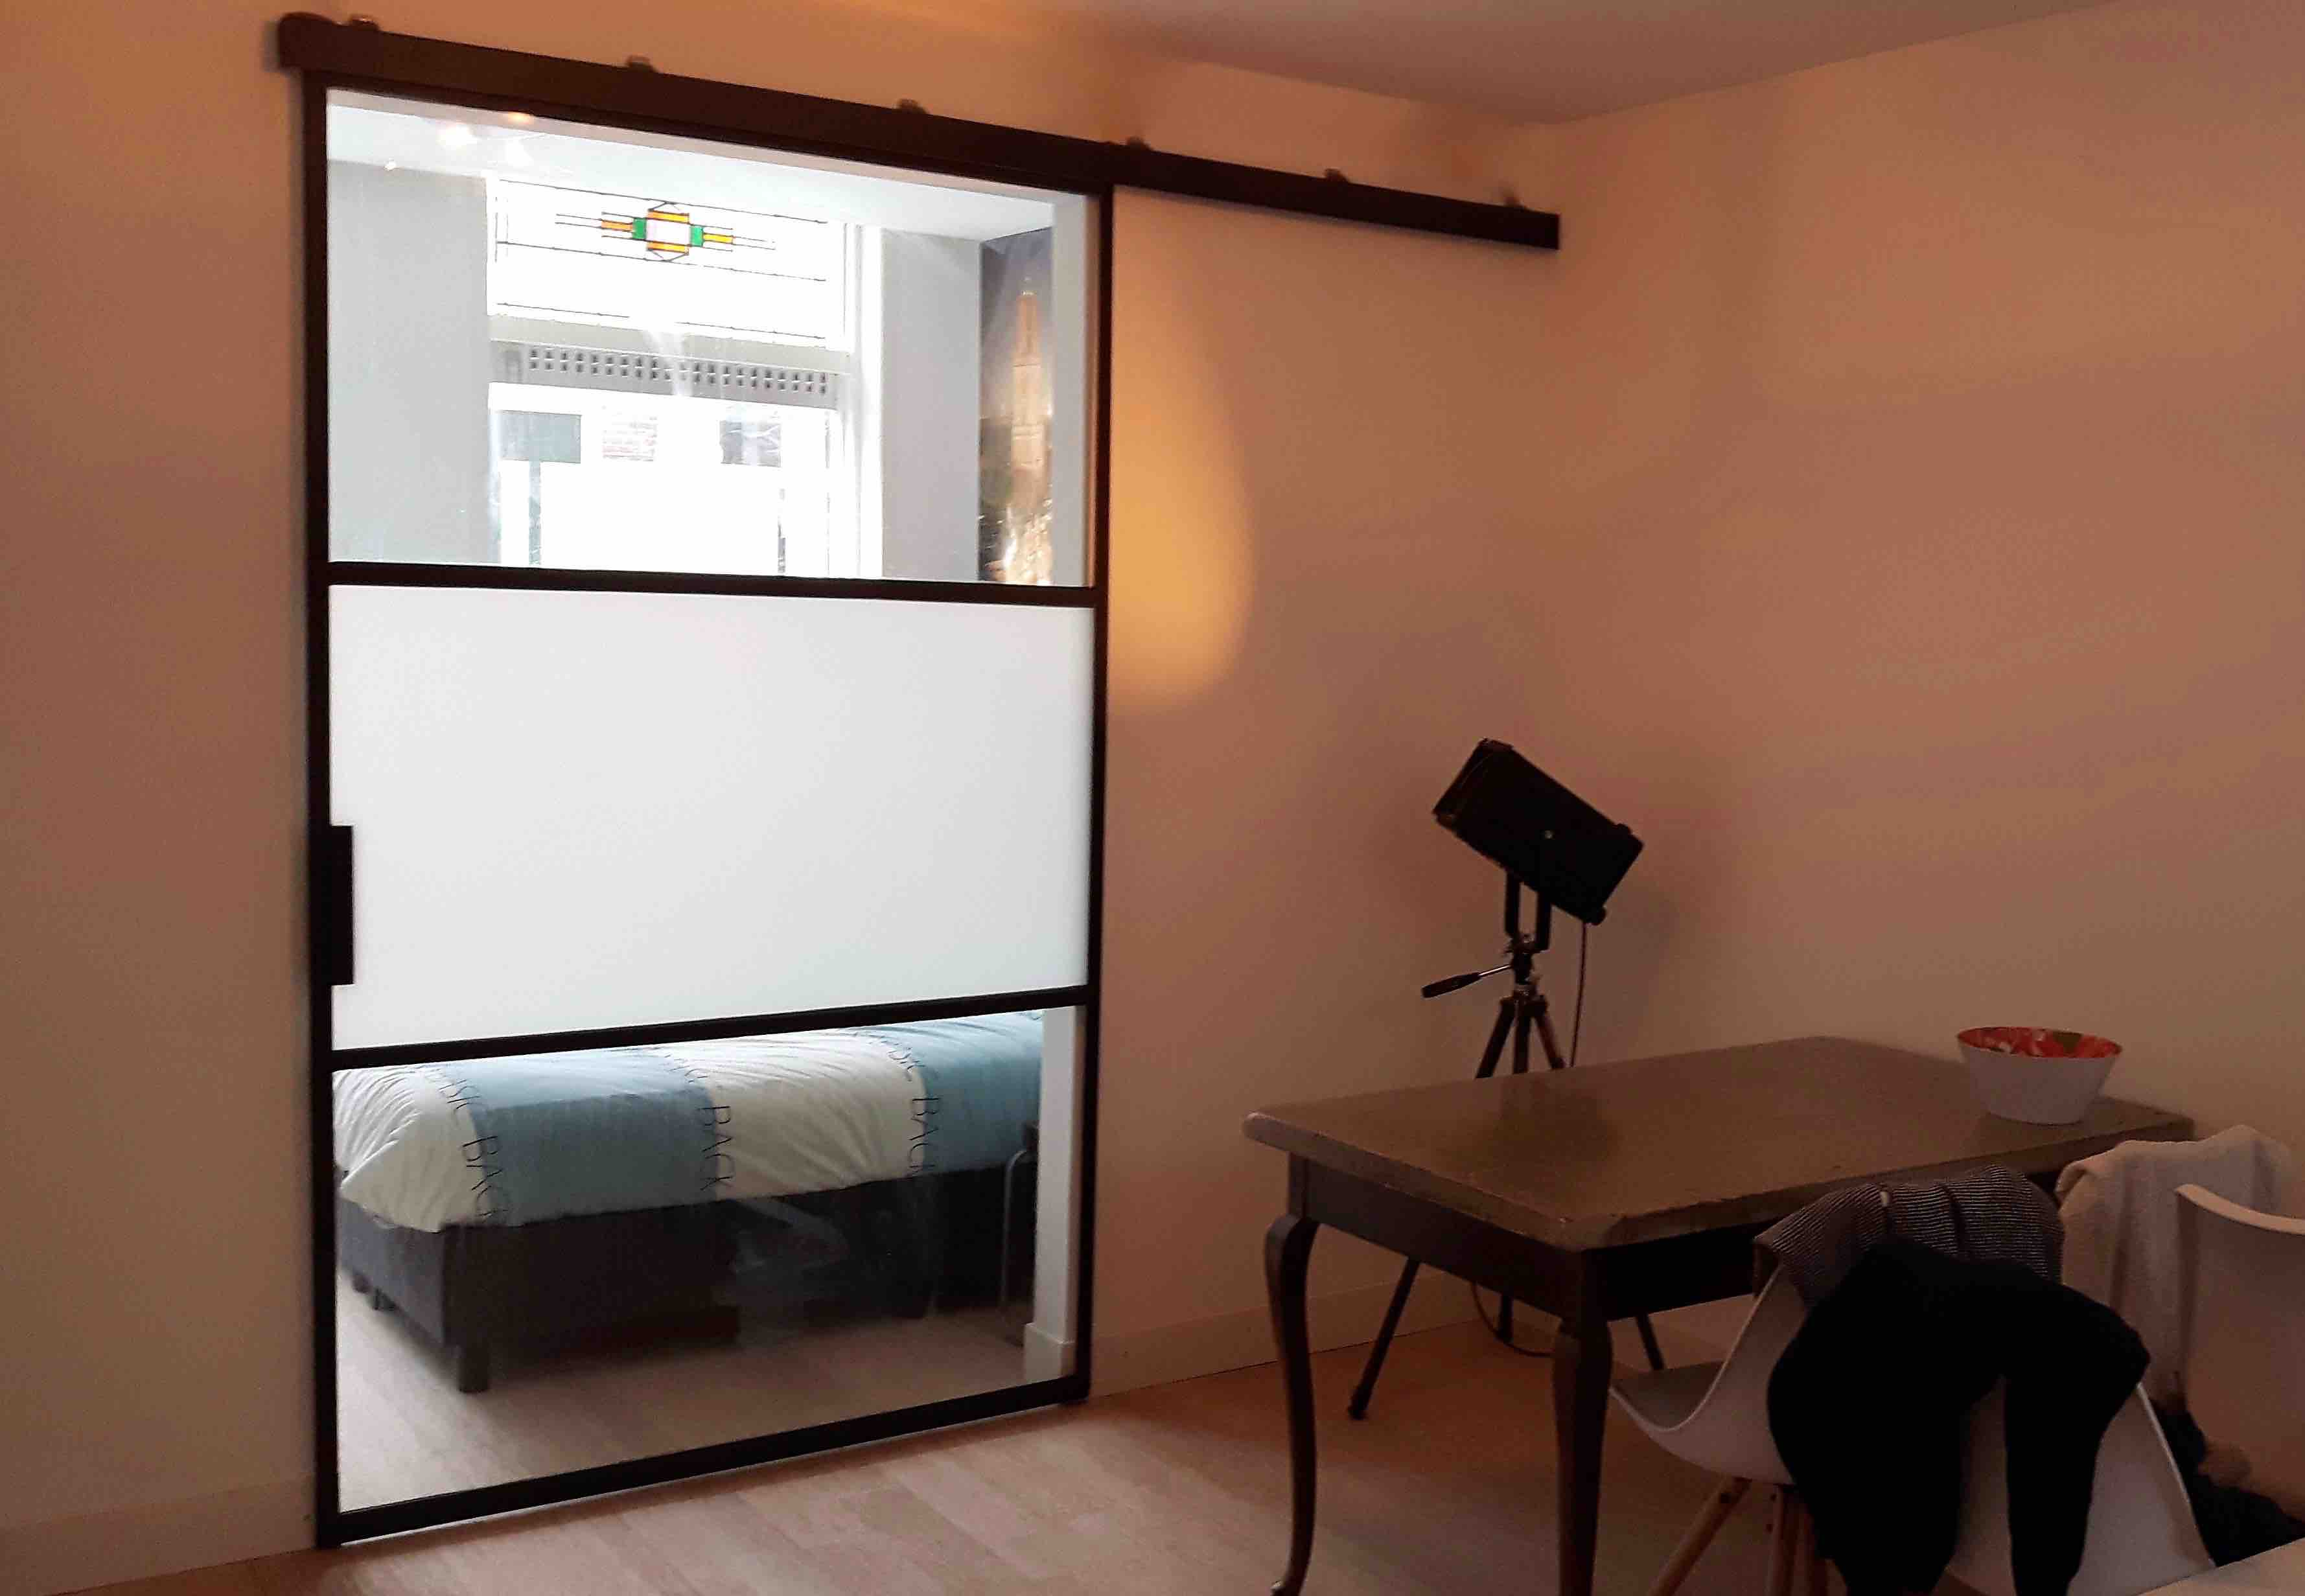 Voorbeeld stalen schuifdeur (extra breed) met 3 vlakken waarvan 1 vlak met gematteerd glas. Als room divider tussen woonkamer en slaapkamer.